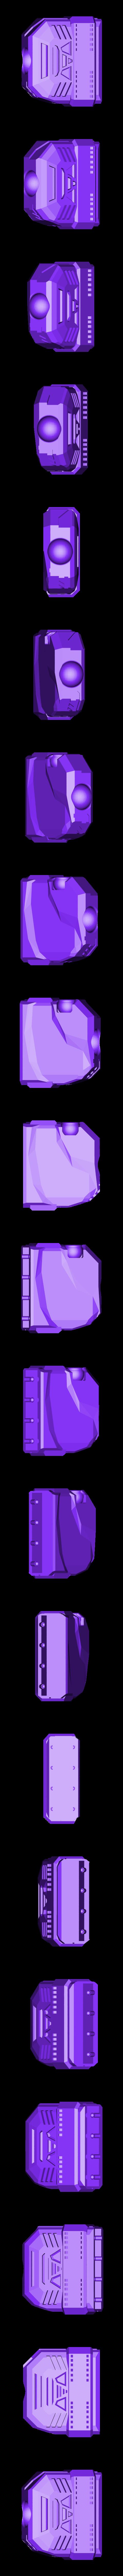 v2_hand_detail_v6_RIGHT.stl Télécharger fichier STL gratuit TRANSFORMERS CW POSABLE HANDS 2.0 • Design pour impression 3D, sickofyou